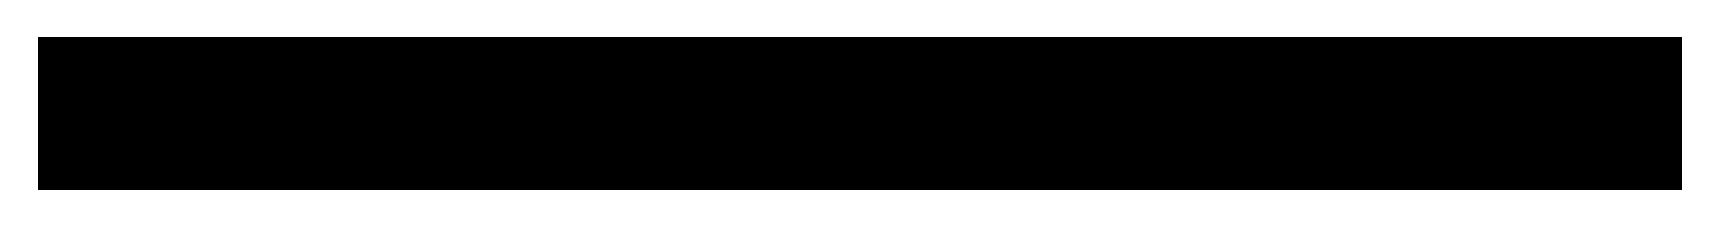 AmoCachorros